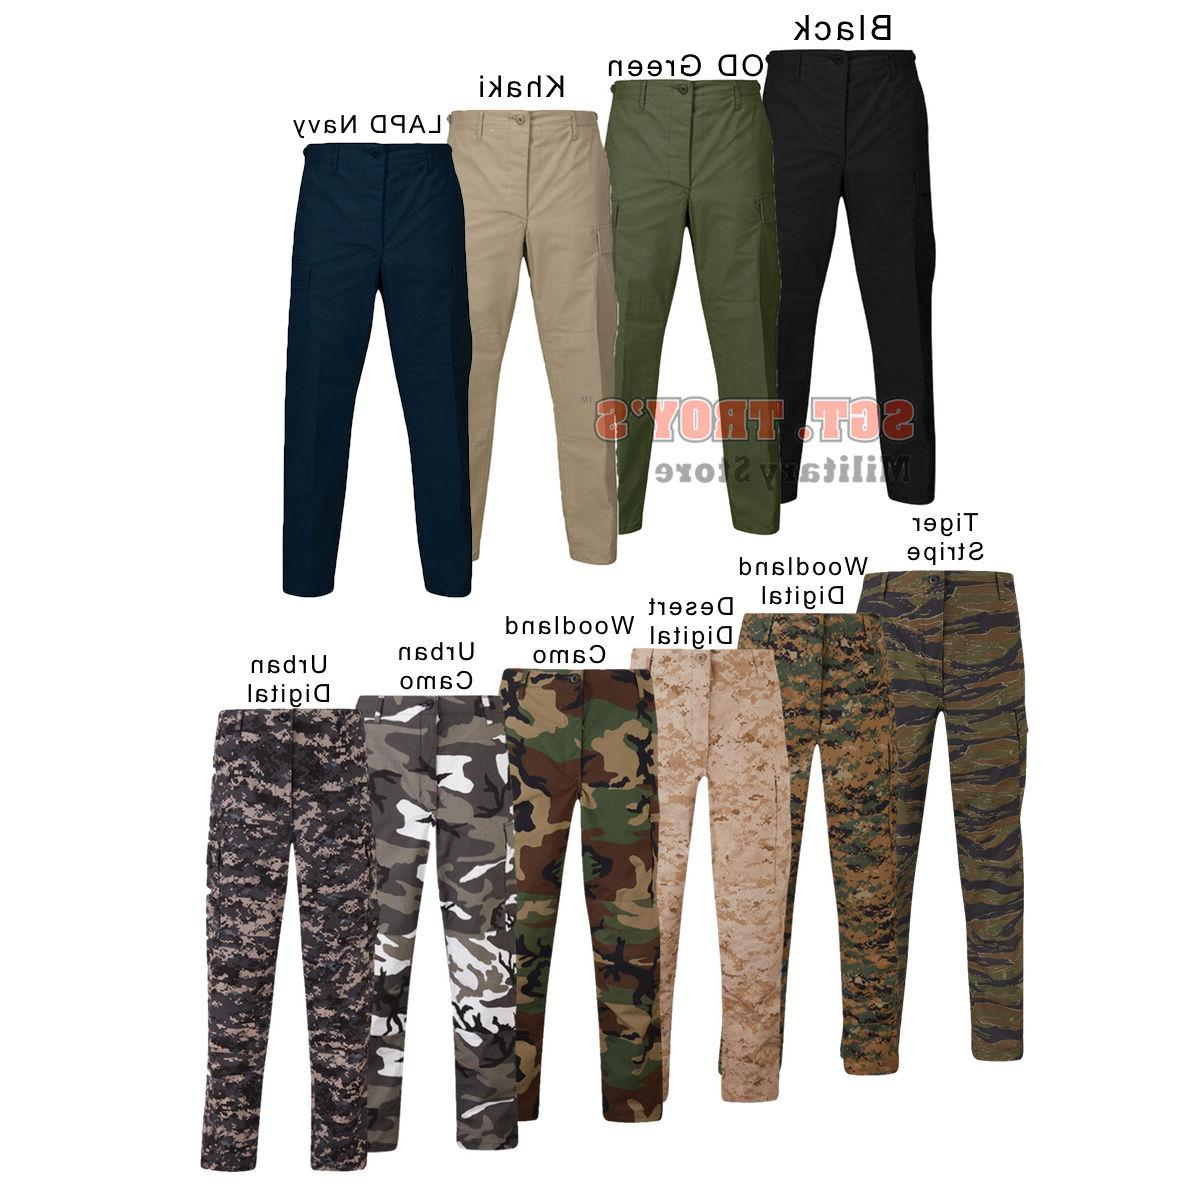 Propper Uniform BDU Tactical Pants Zipper Fly 60/40 Poly Cot